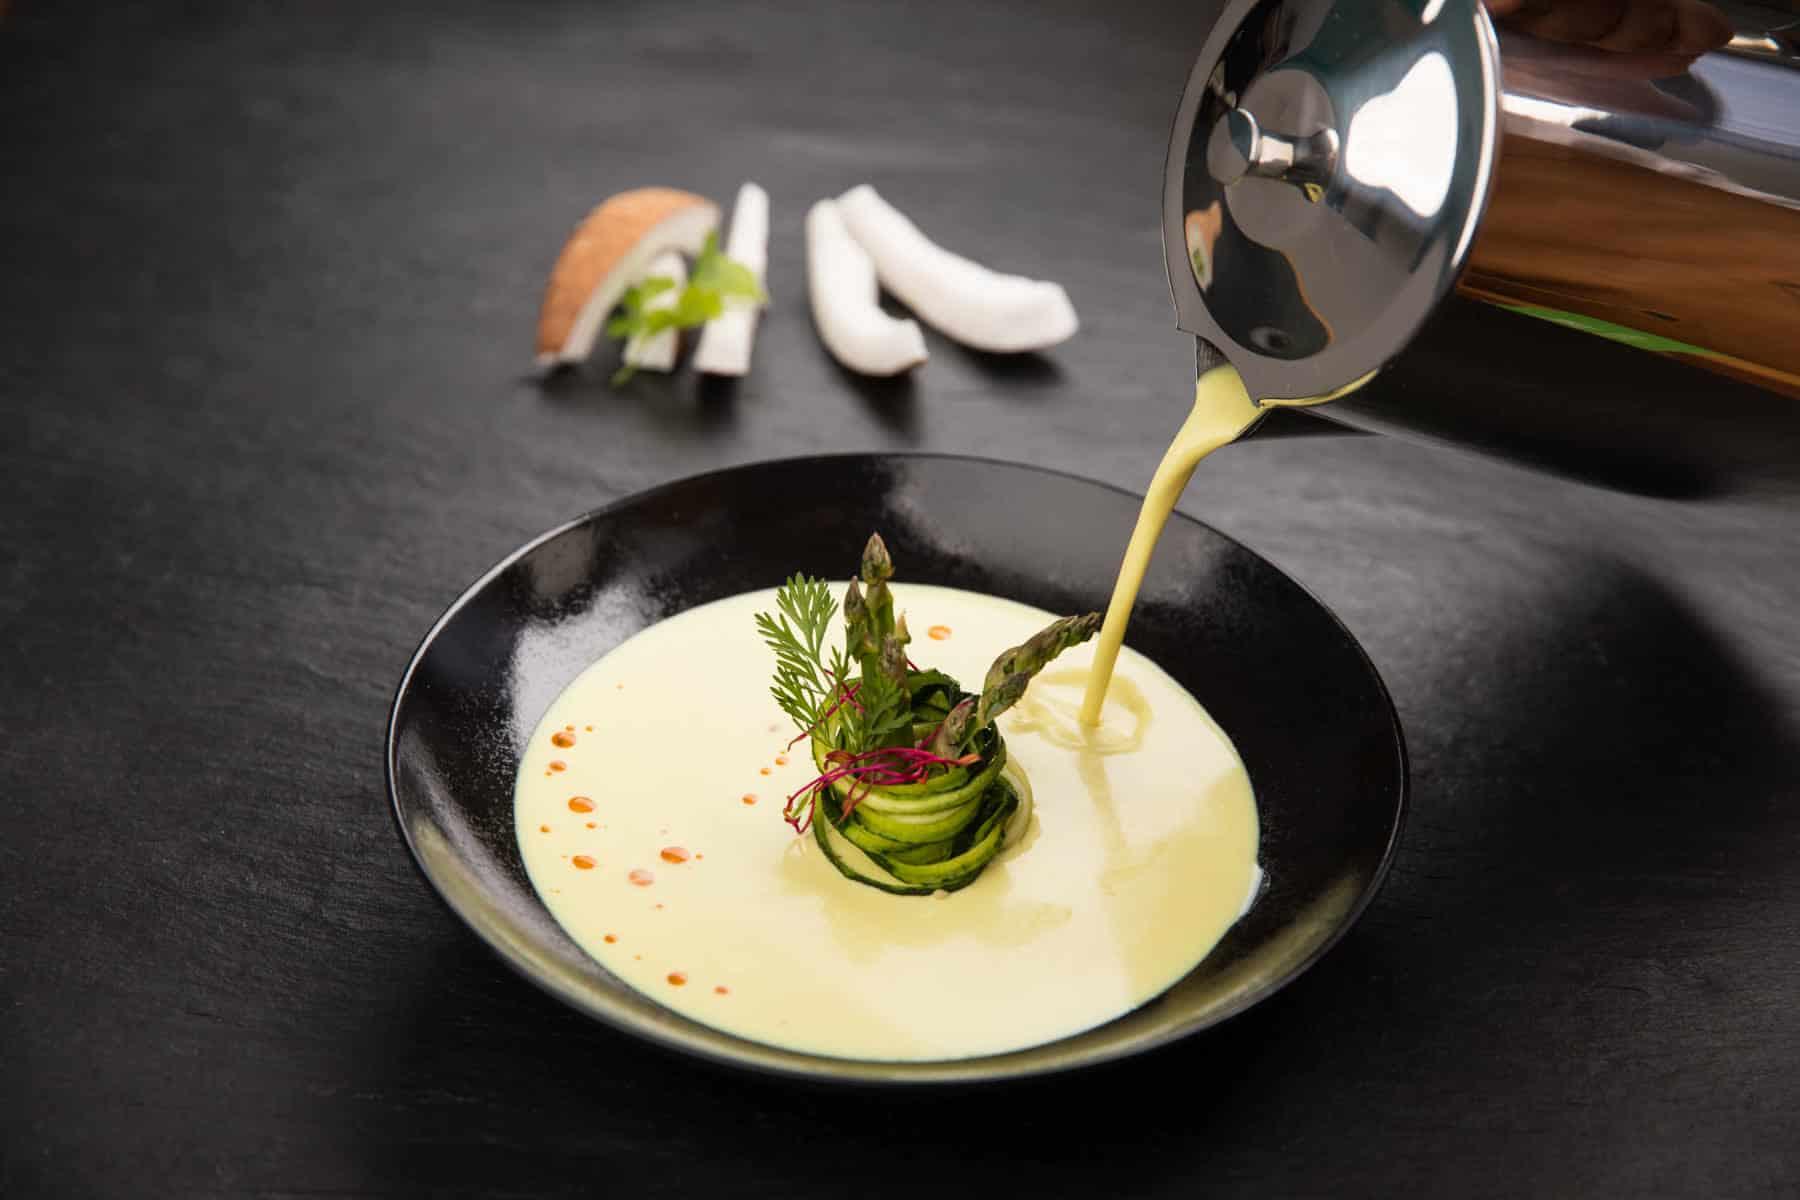 helle Suppe wird serviert